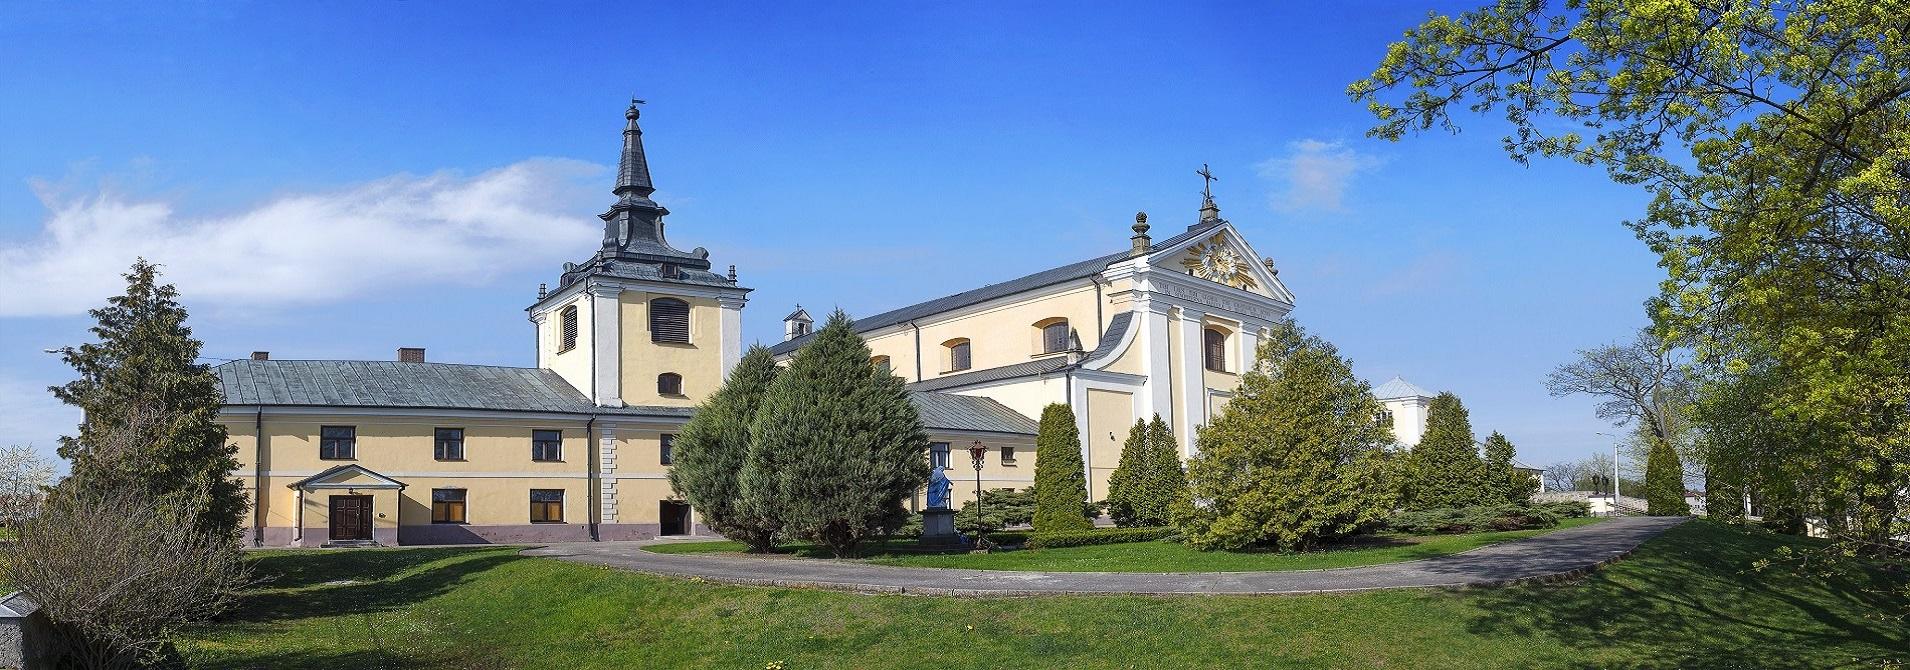 Parafia pw. Imienia NMP w Szczuczynie